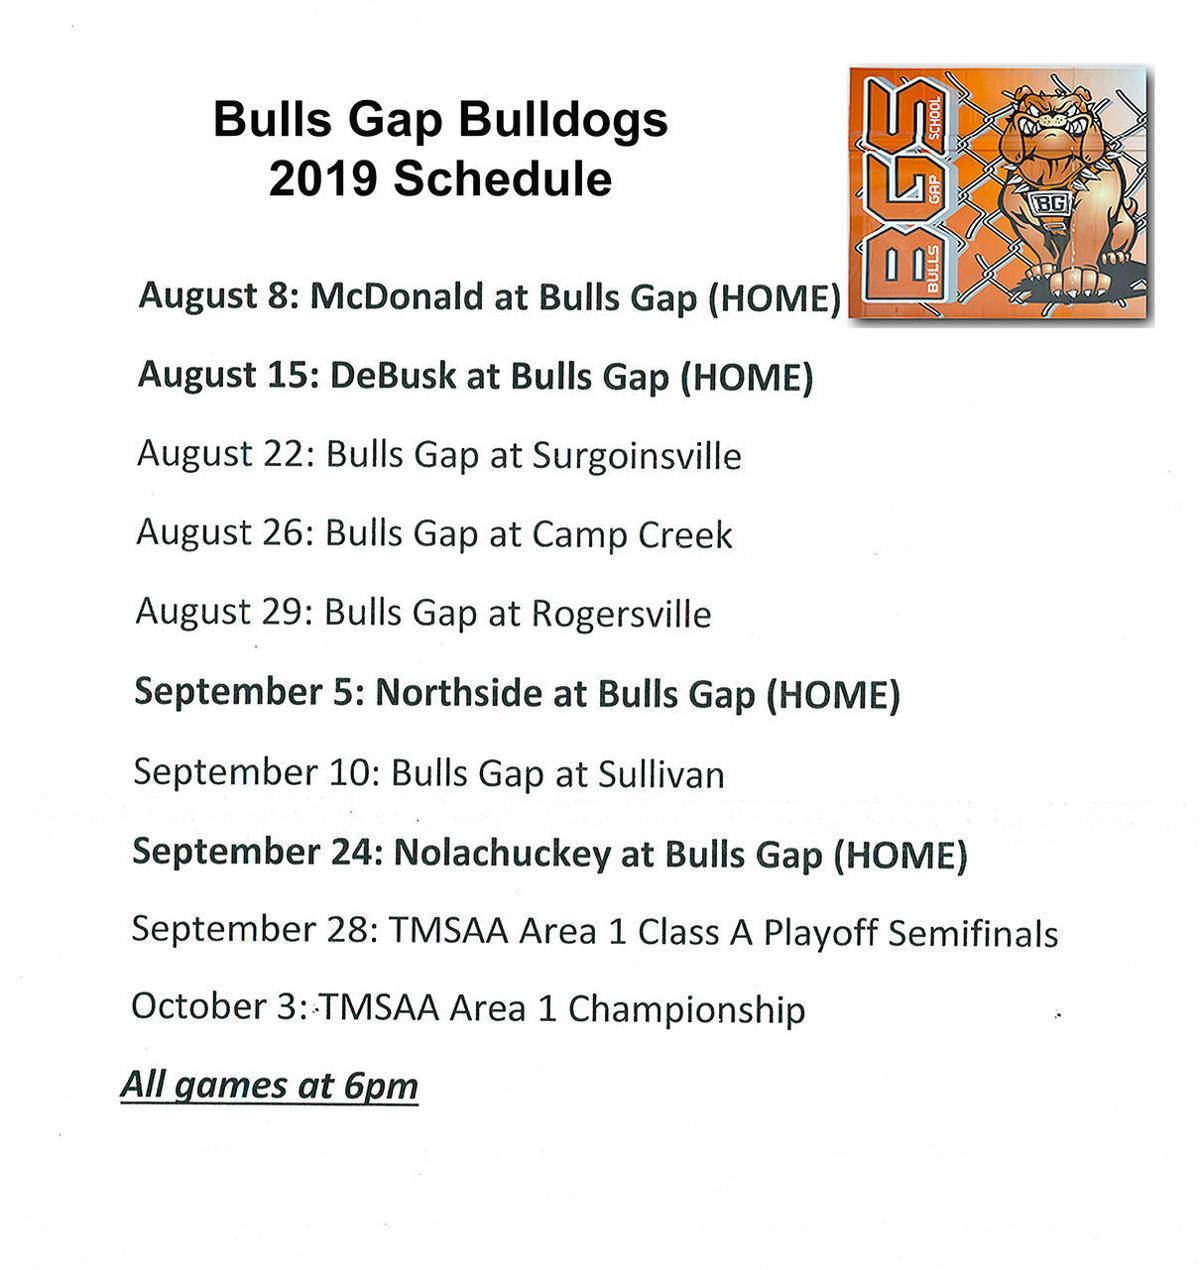 Bulls Gap sked